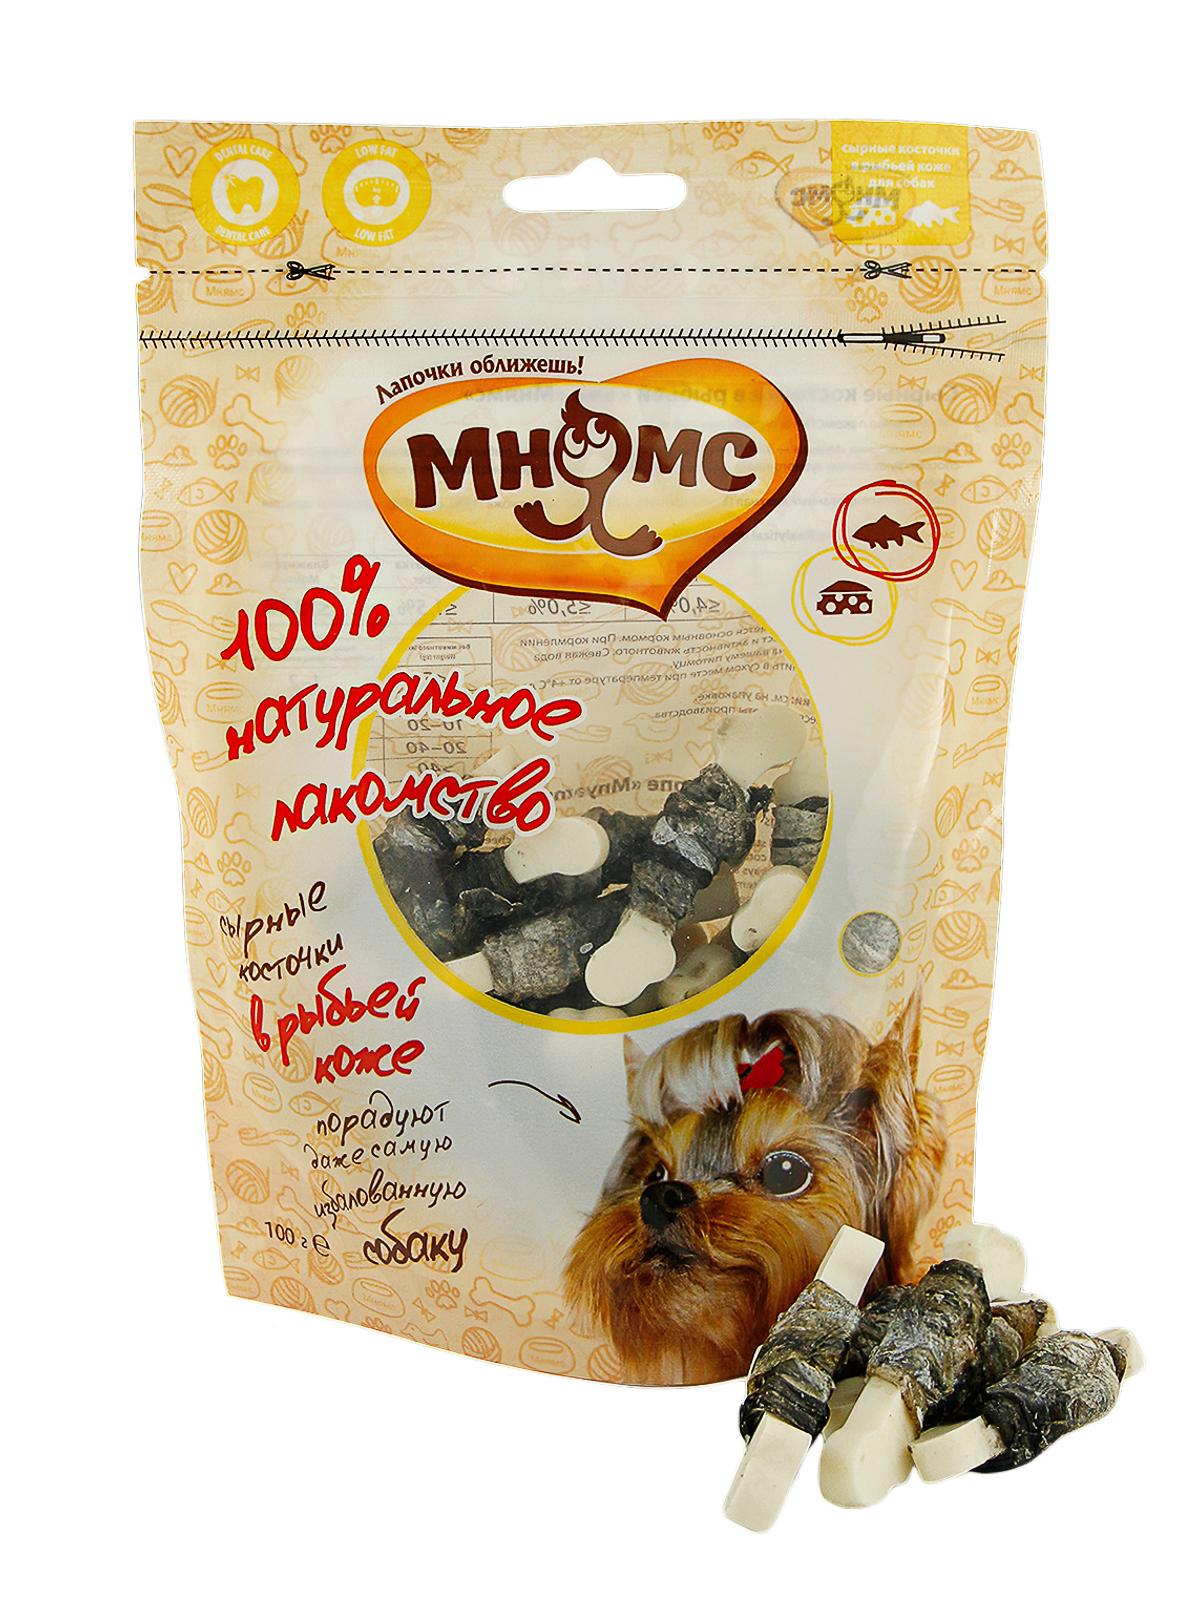 Мнямс Лакомство для собак Мнямс сырные косточки в рыбьей коже 701832_1.jpg